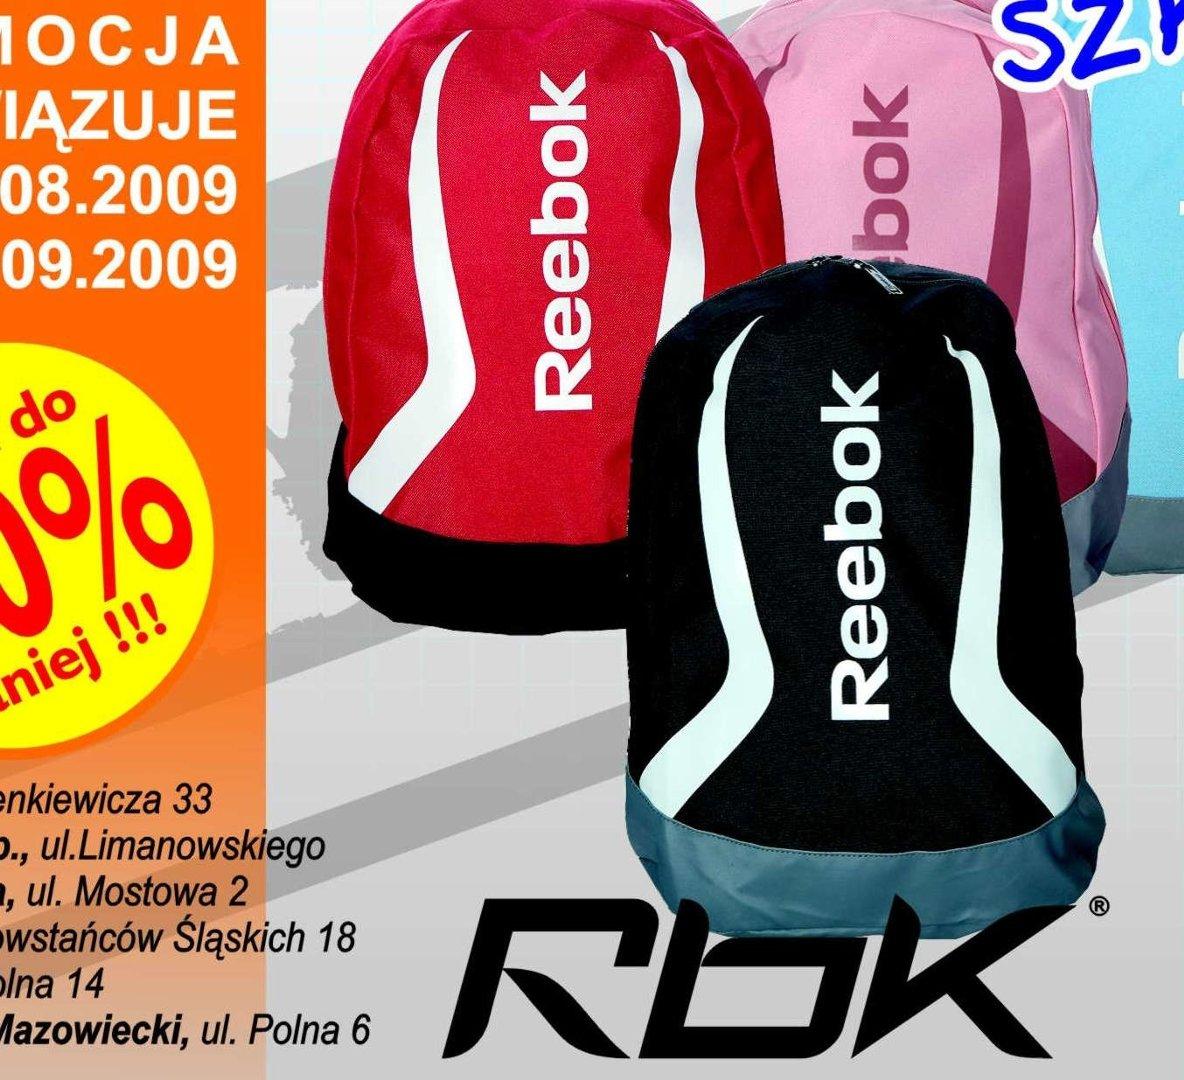 af1d48293 Atrakcyjna oferta pierwszego dnia funkcjonowania nowego outletu - tanie  plecaki Reeboka